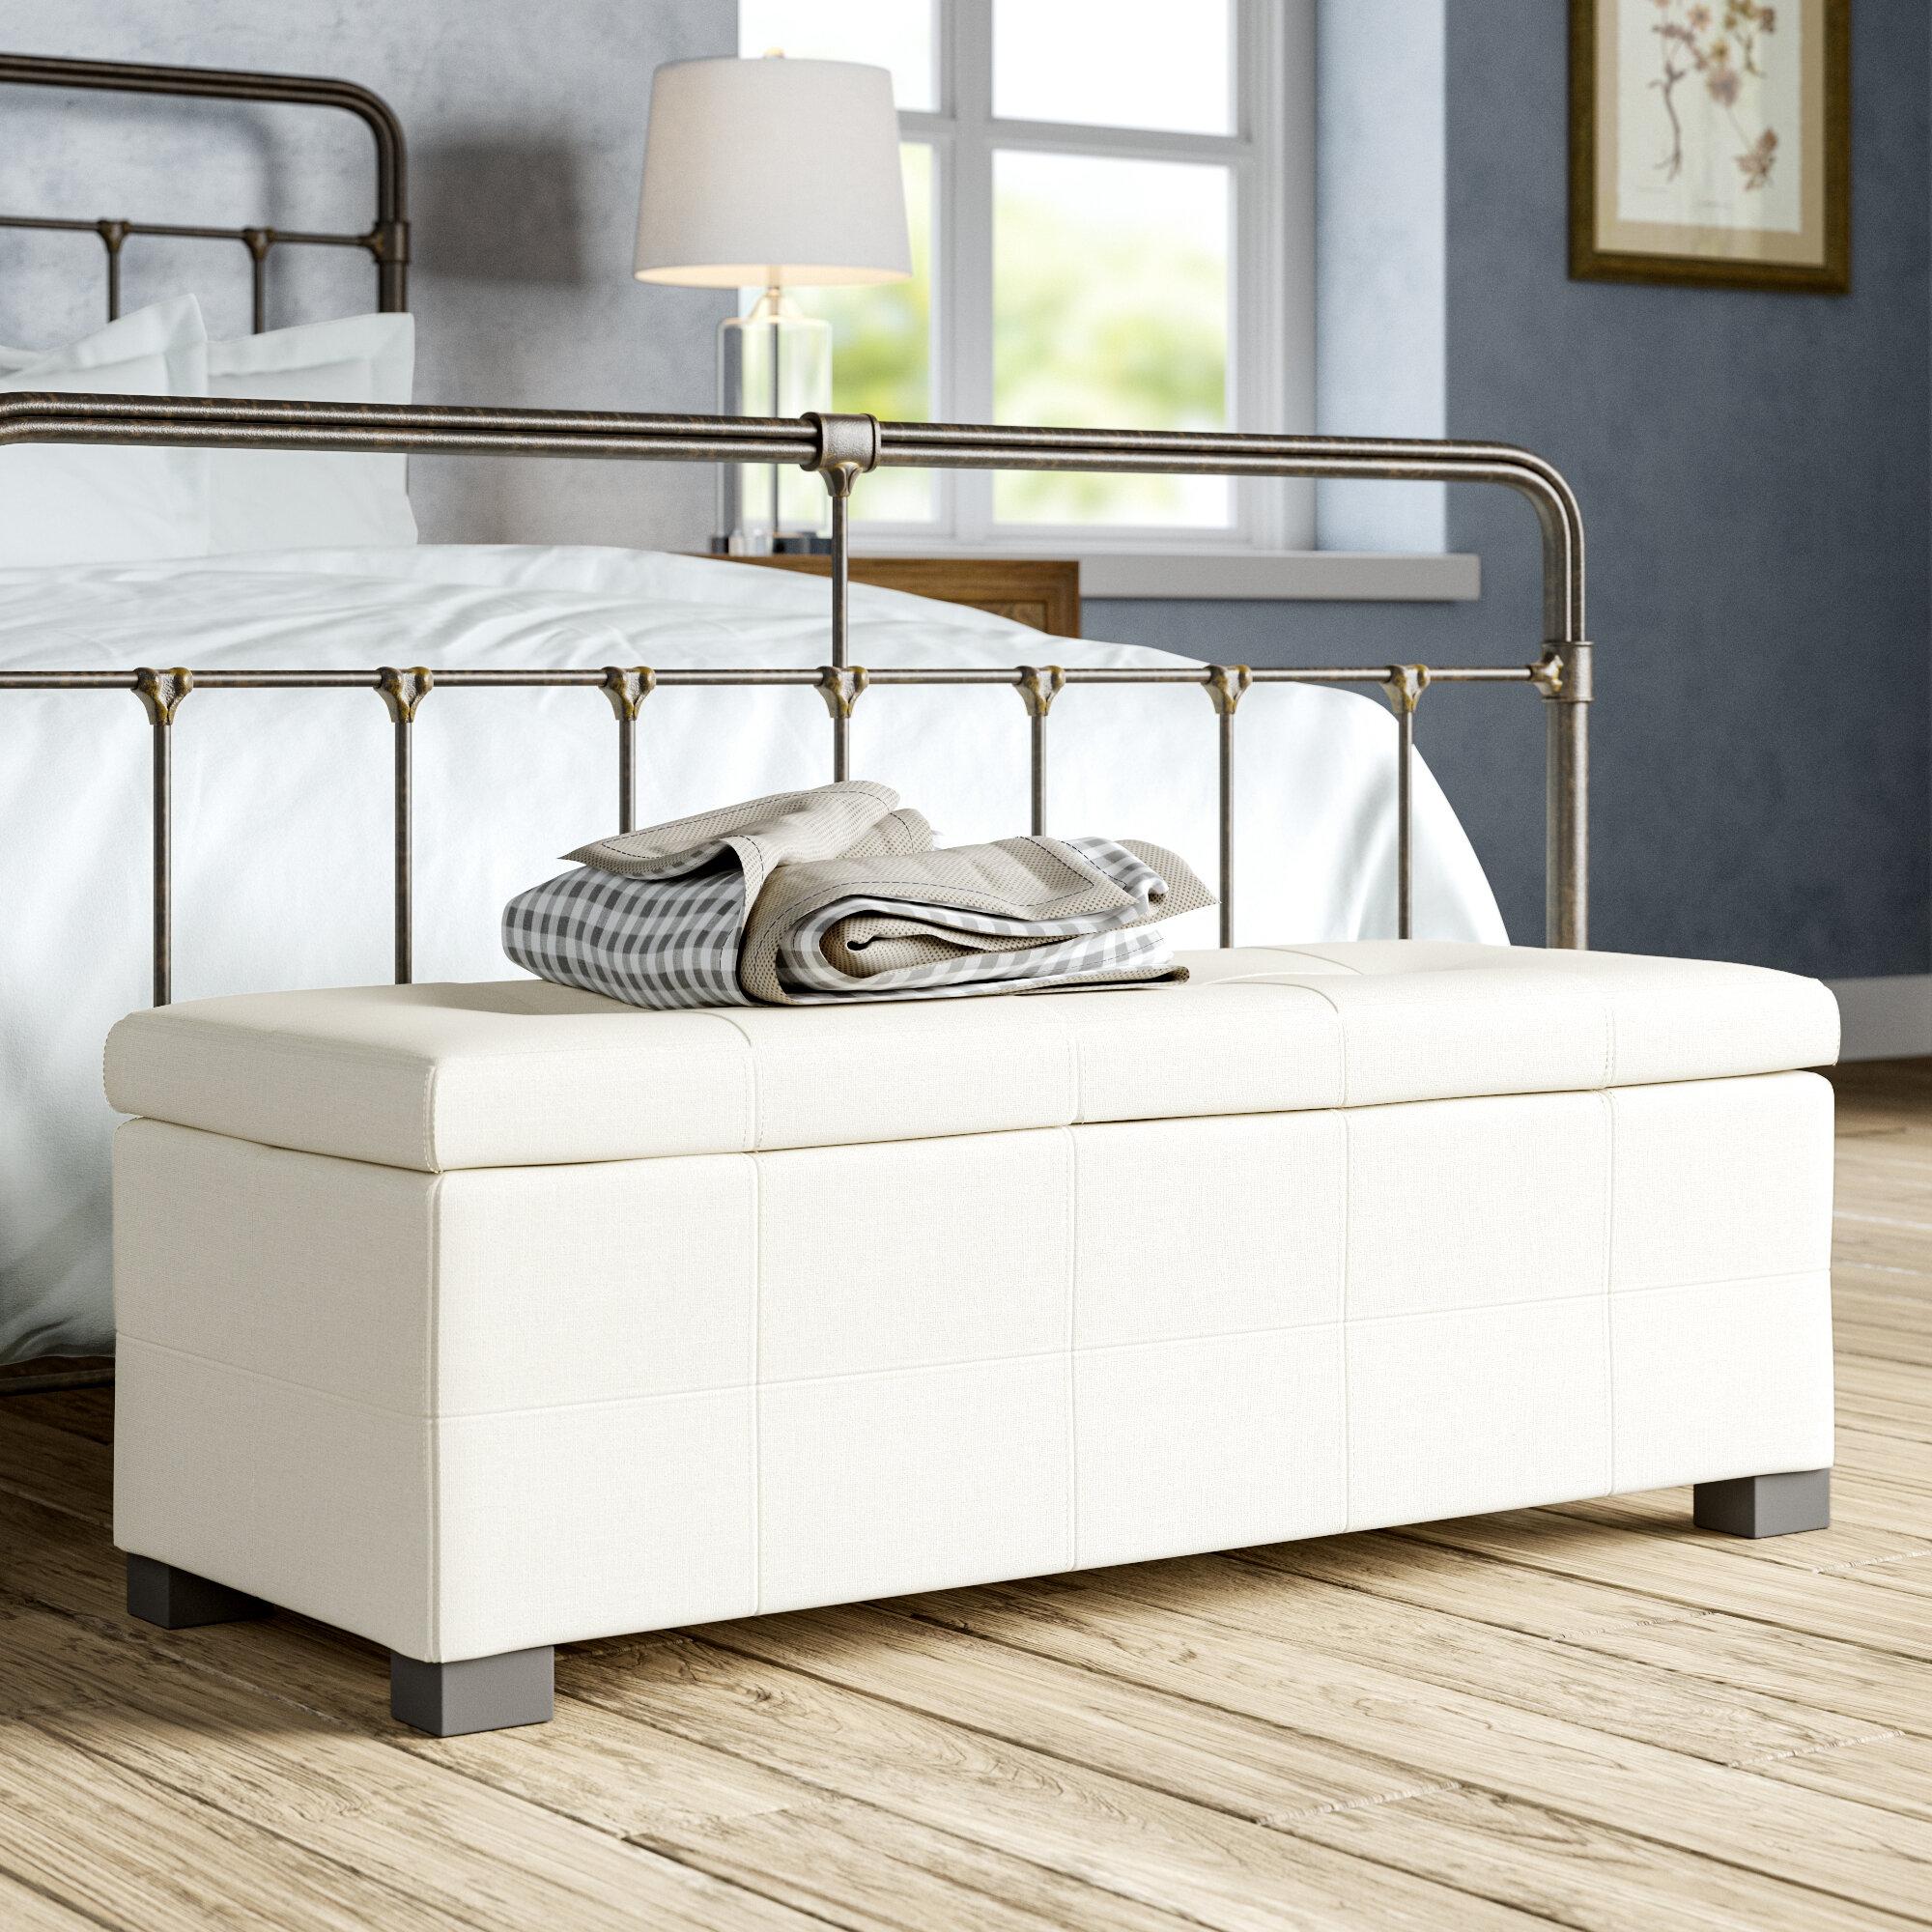 Merlin Upholstered Storage Bench Reviews Birch Lane